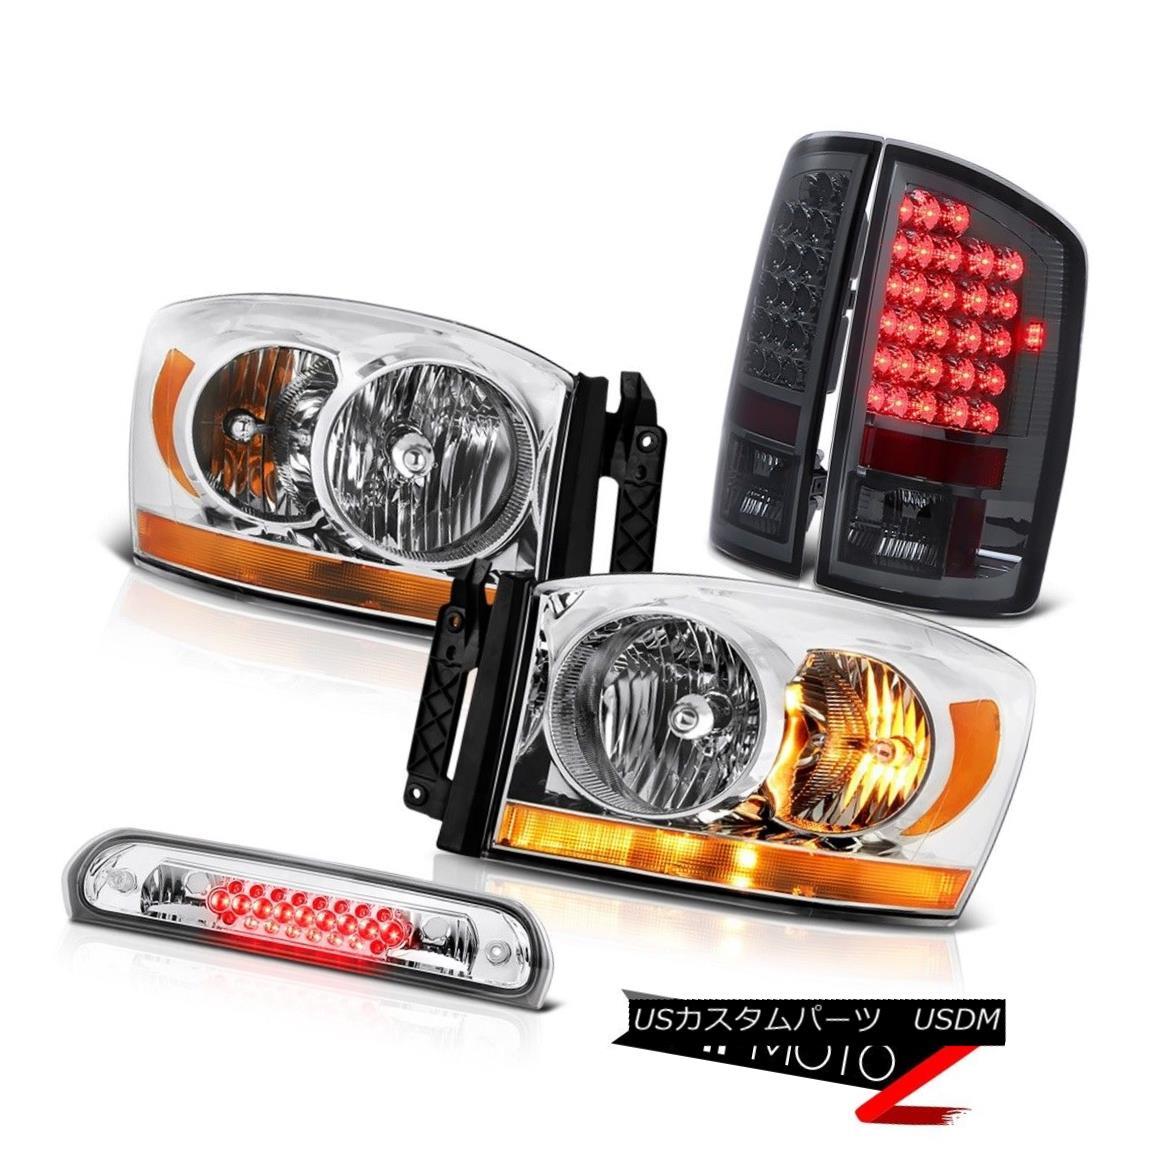 テールライト 07-08 Dodge Ram 1500 Slt Headlamps 3RD Brake Light Rear Lights